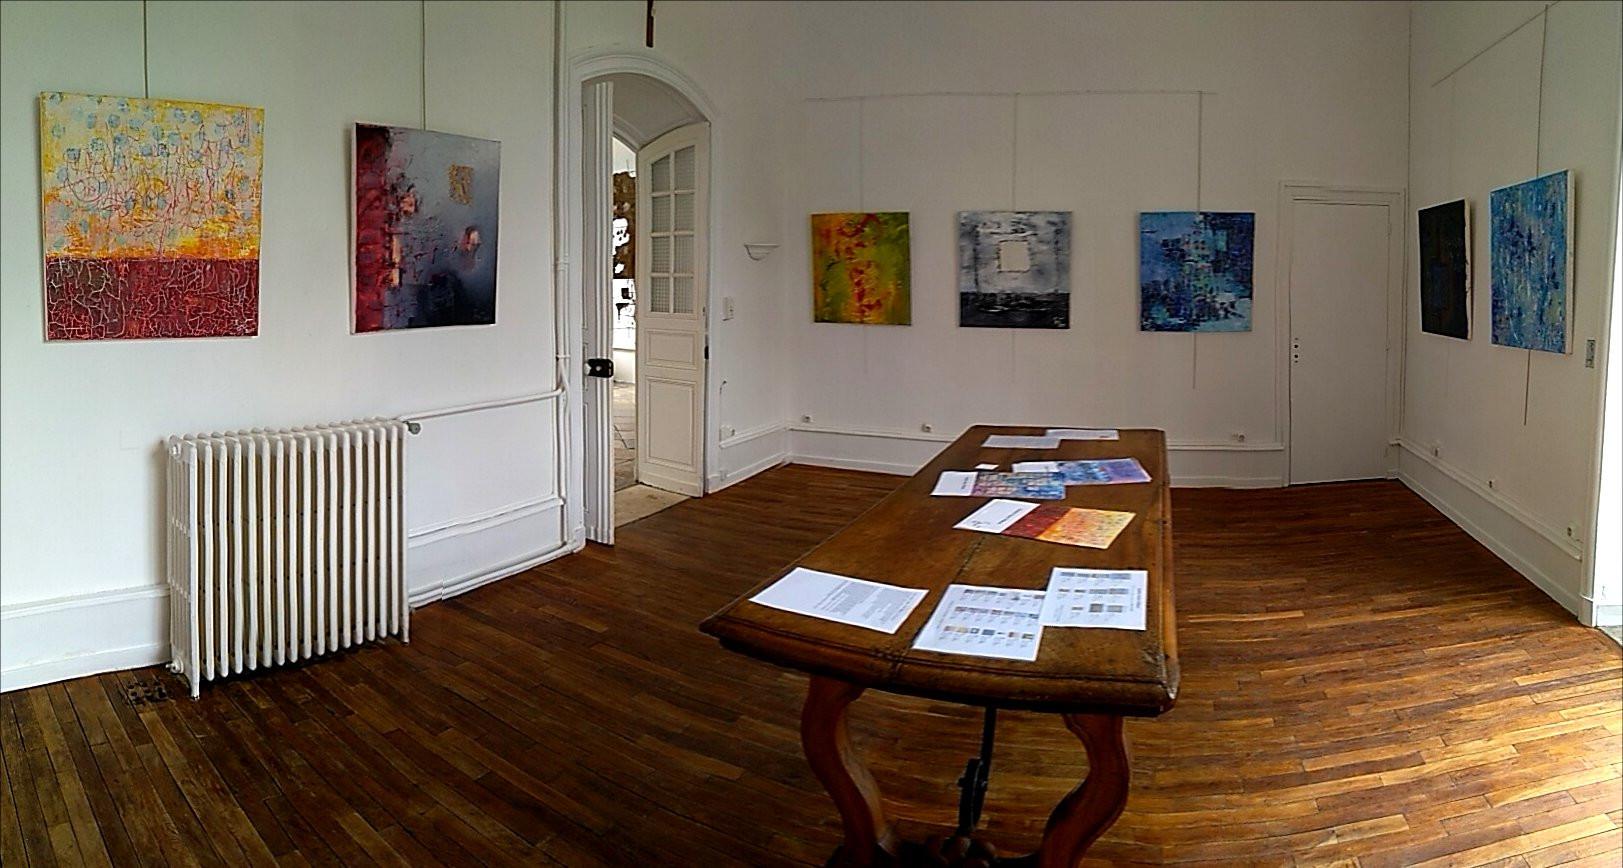 Ebreuil expo - salle 2.jpg